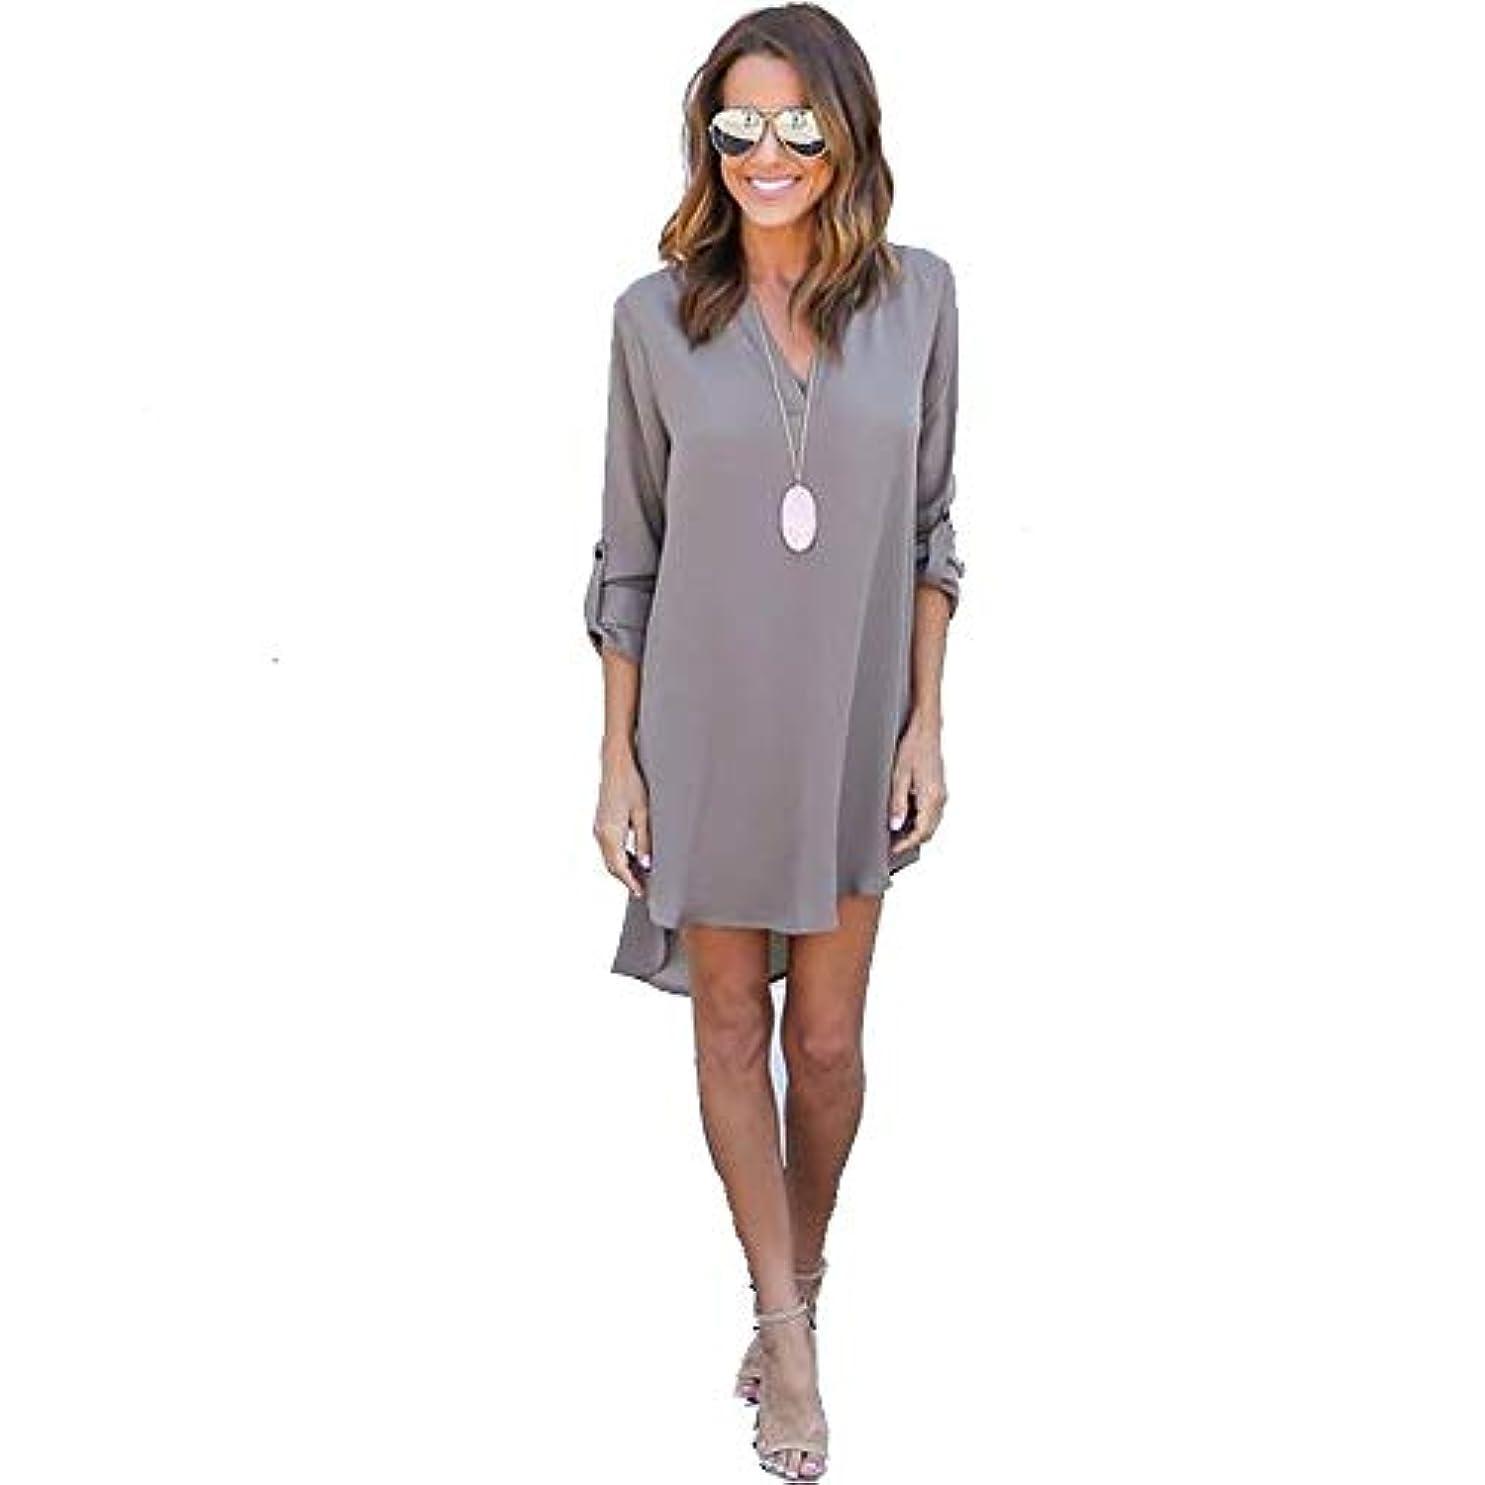 制限されたビバ娘MIFAN女性ドレス、シフォン、Vネック、無地、長袖、ゆったり、ミニドレス、Tシャツドレス